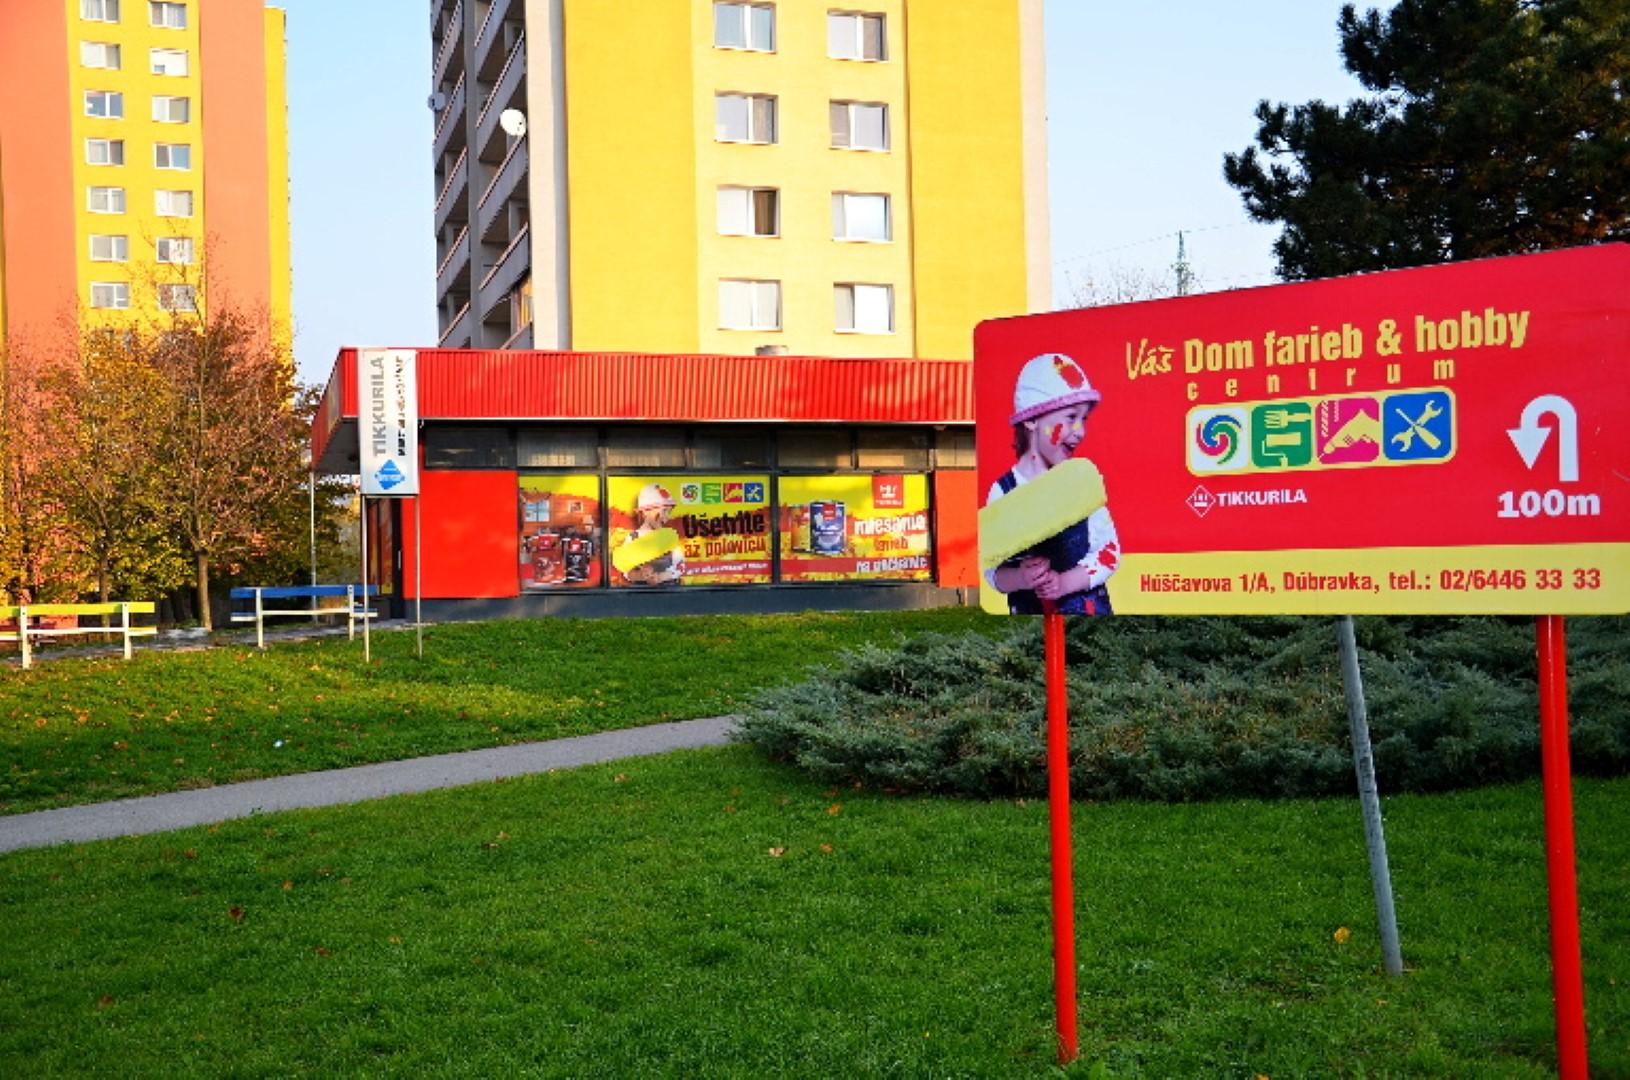 Váš dom farieb & hobby centrum Bratislava – Dúbravka